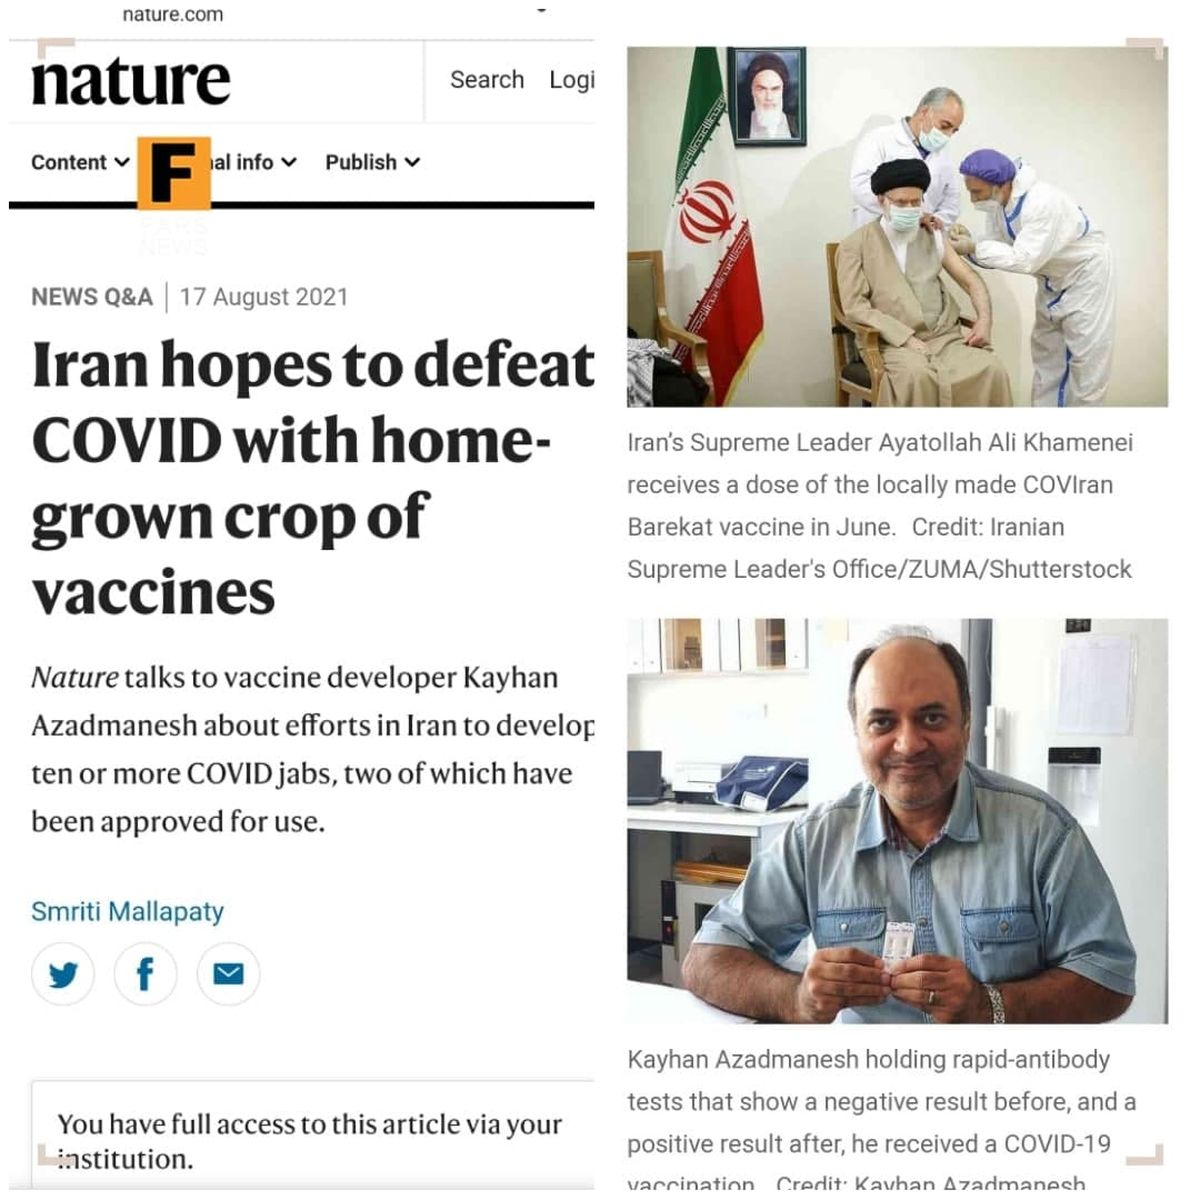 واکسن برکت سوژه مجلات خارجی شد| چند نکته مهم درباره واکسن برکت